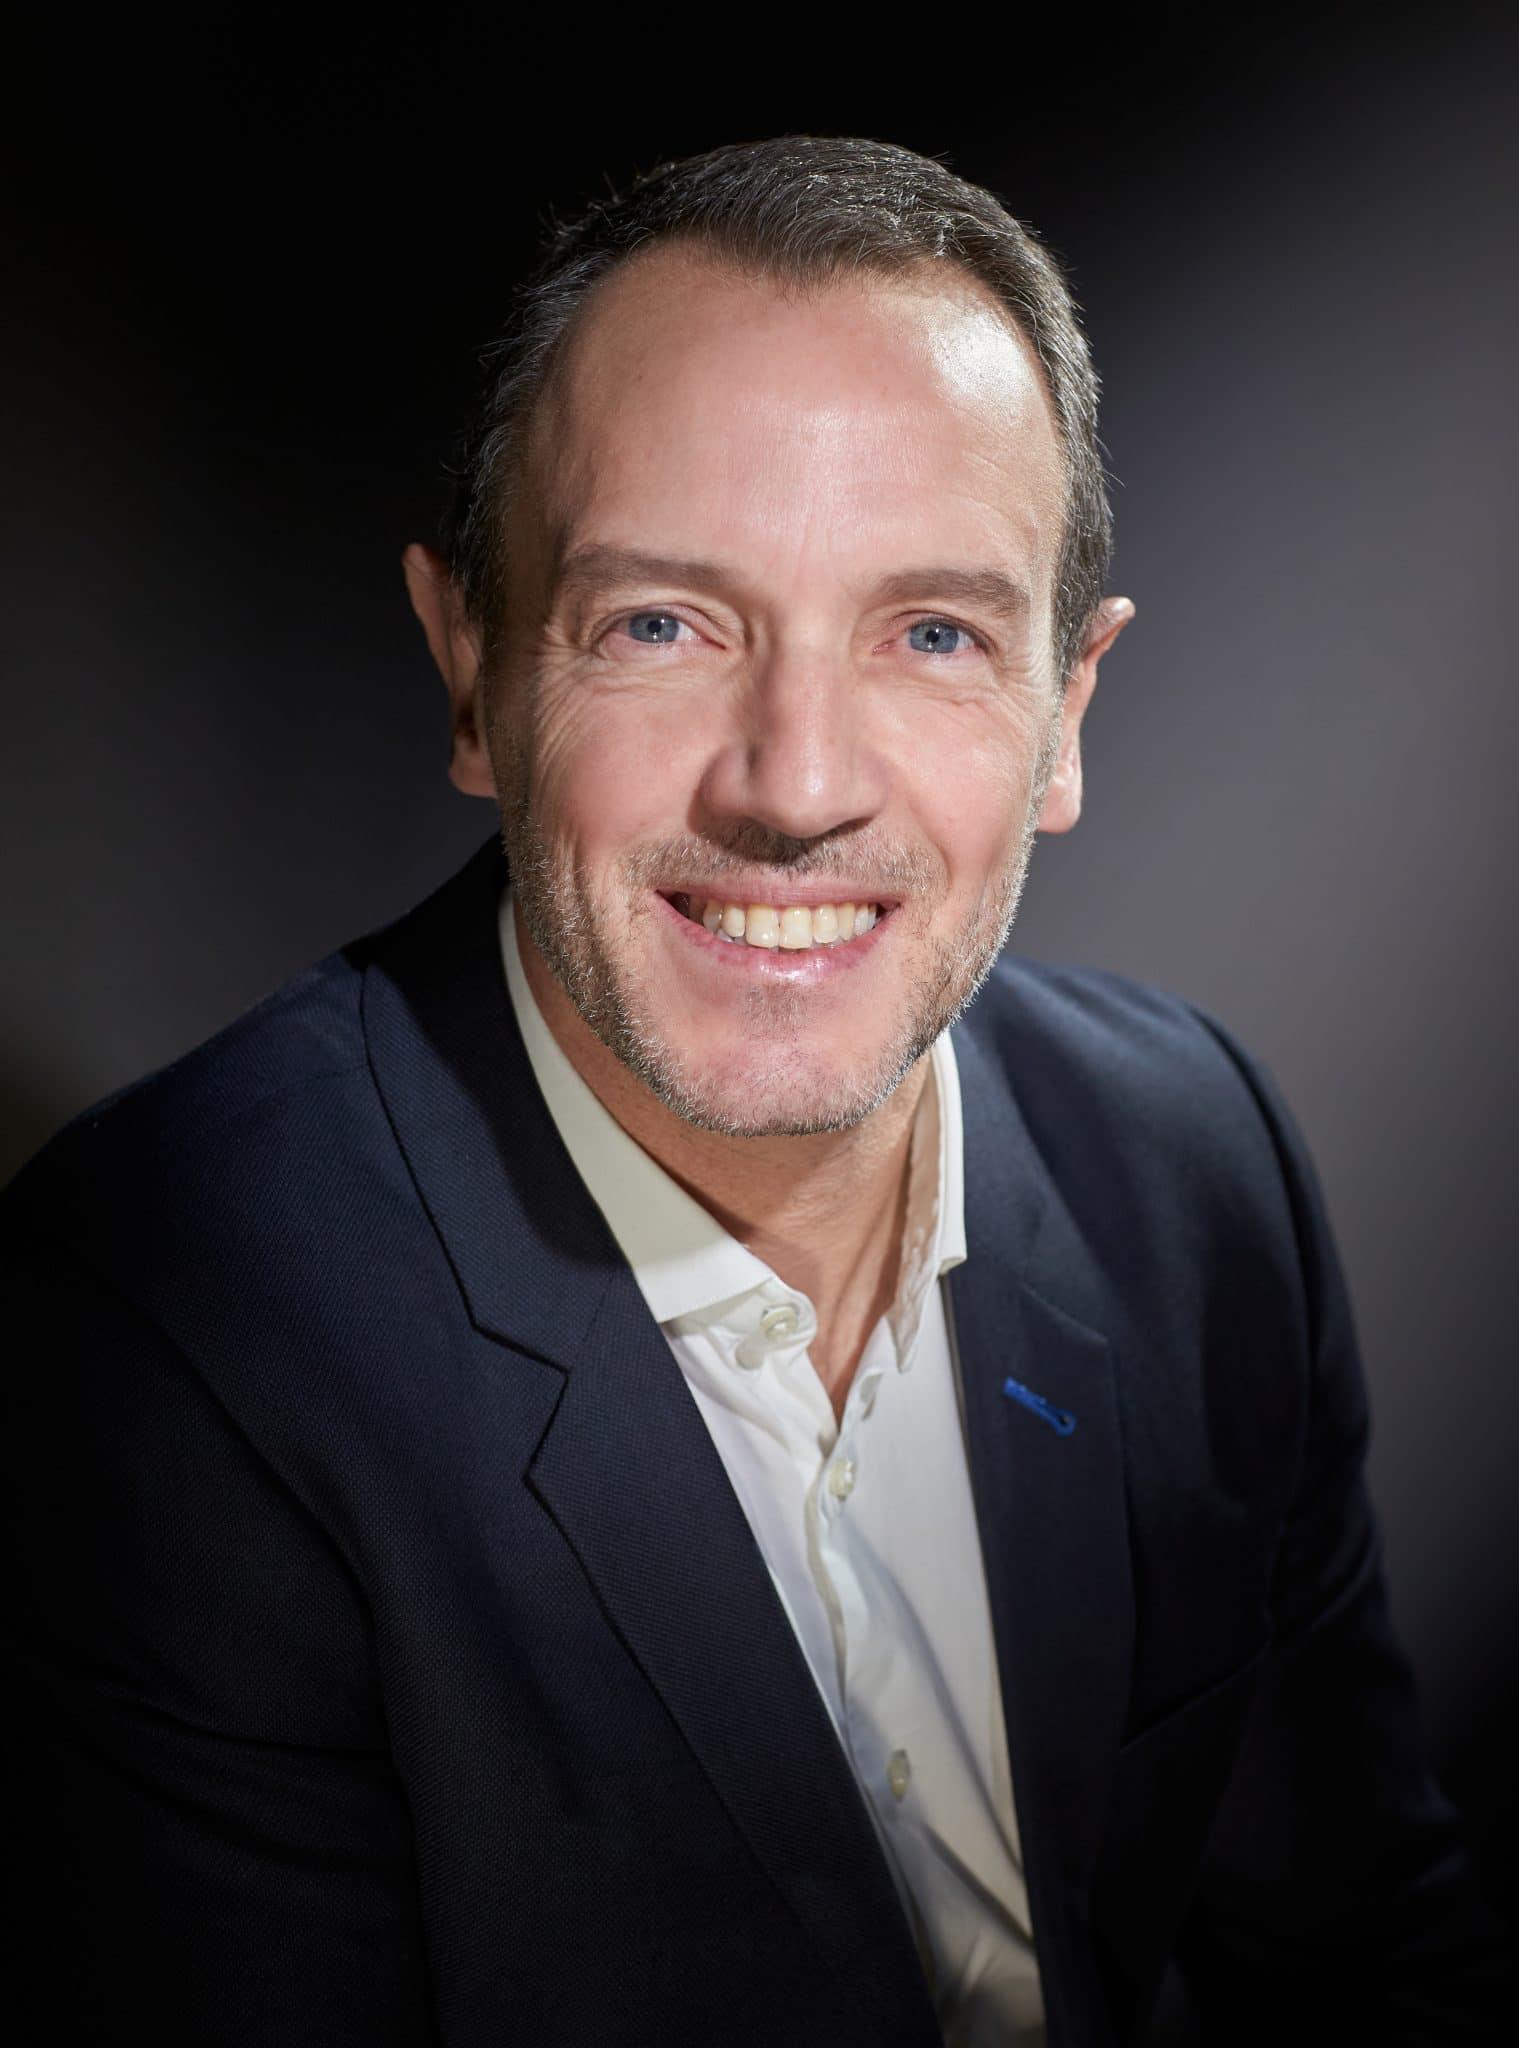 Steve Beaudel